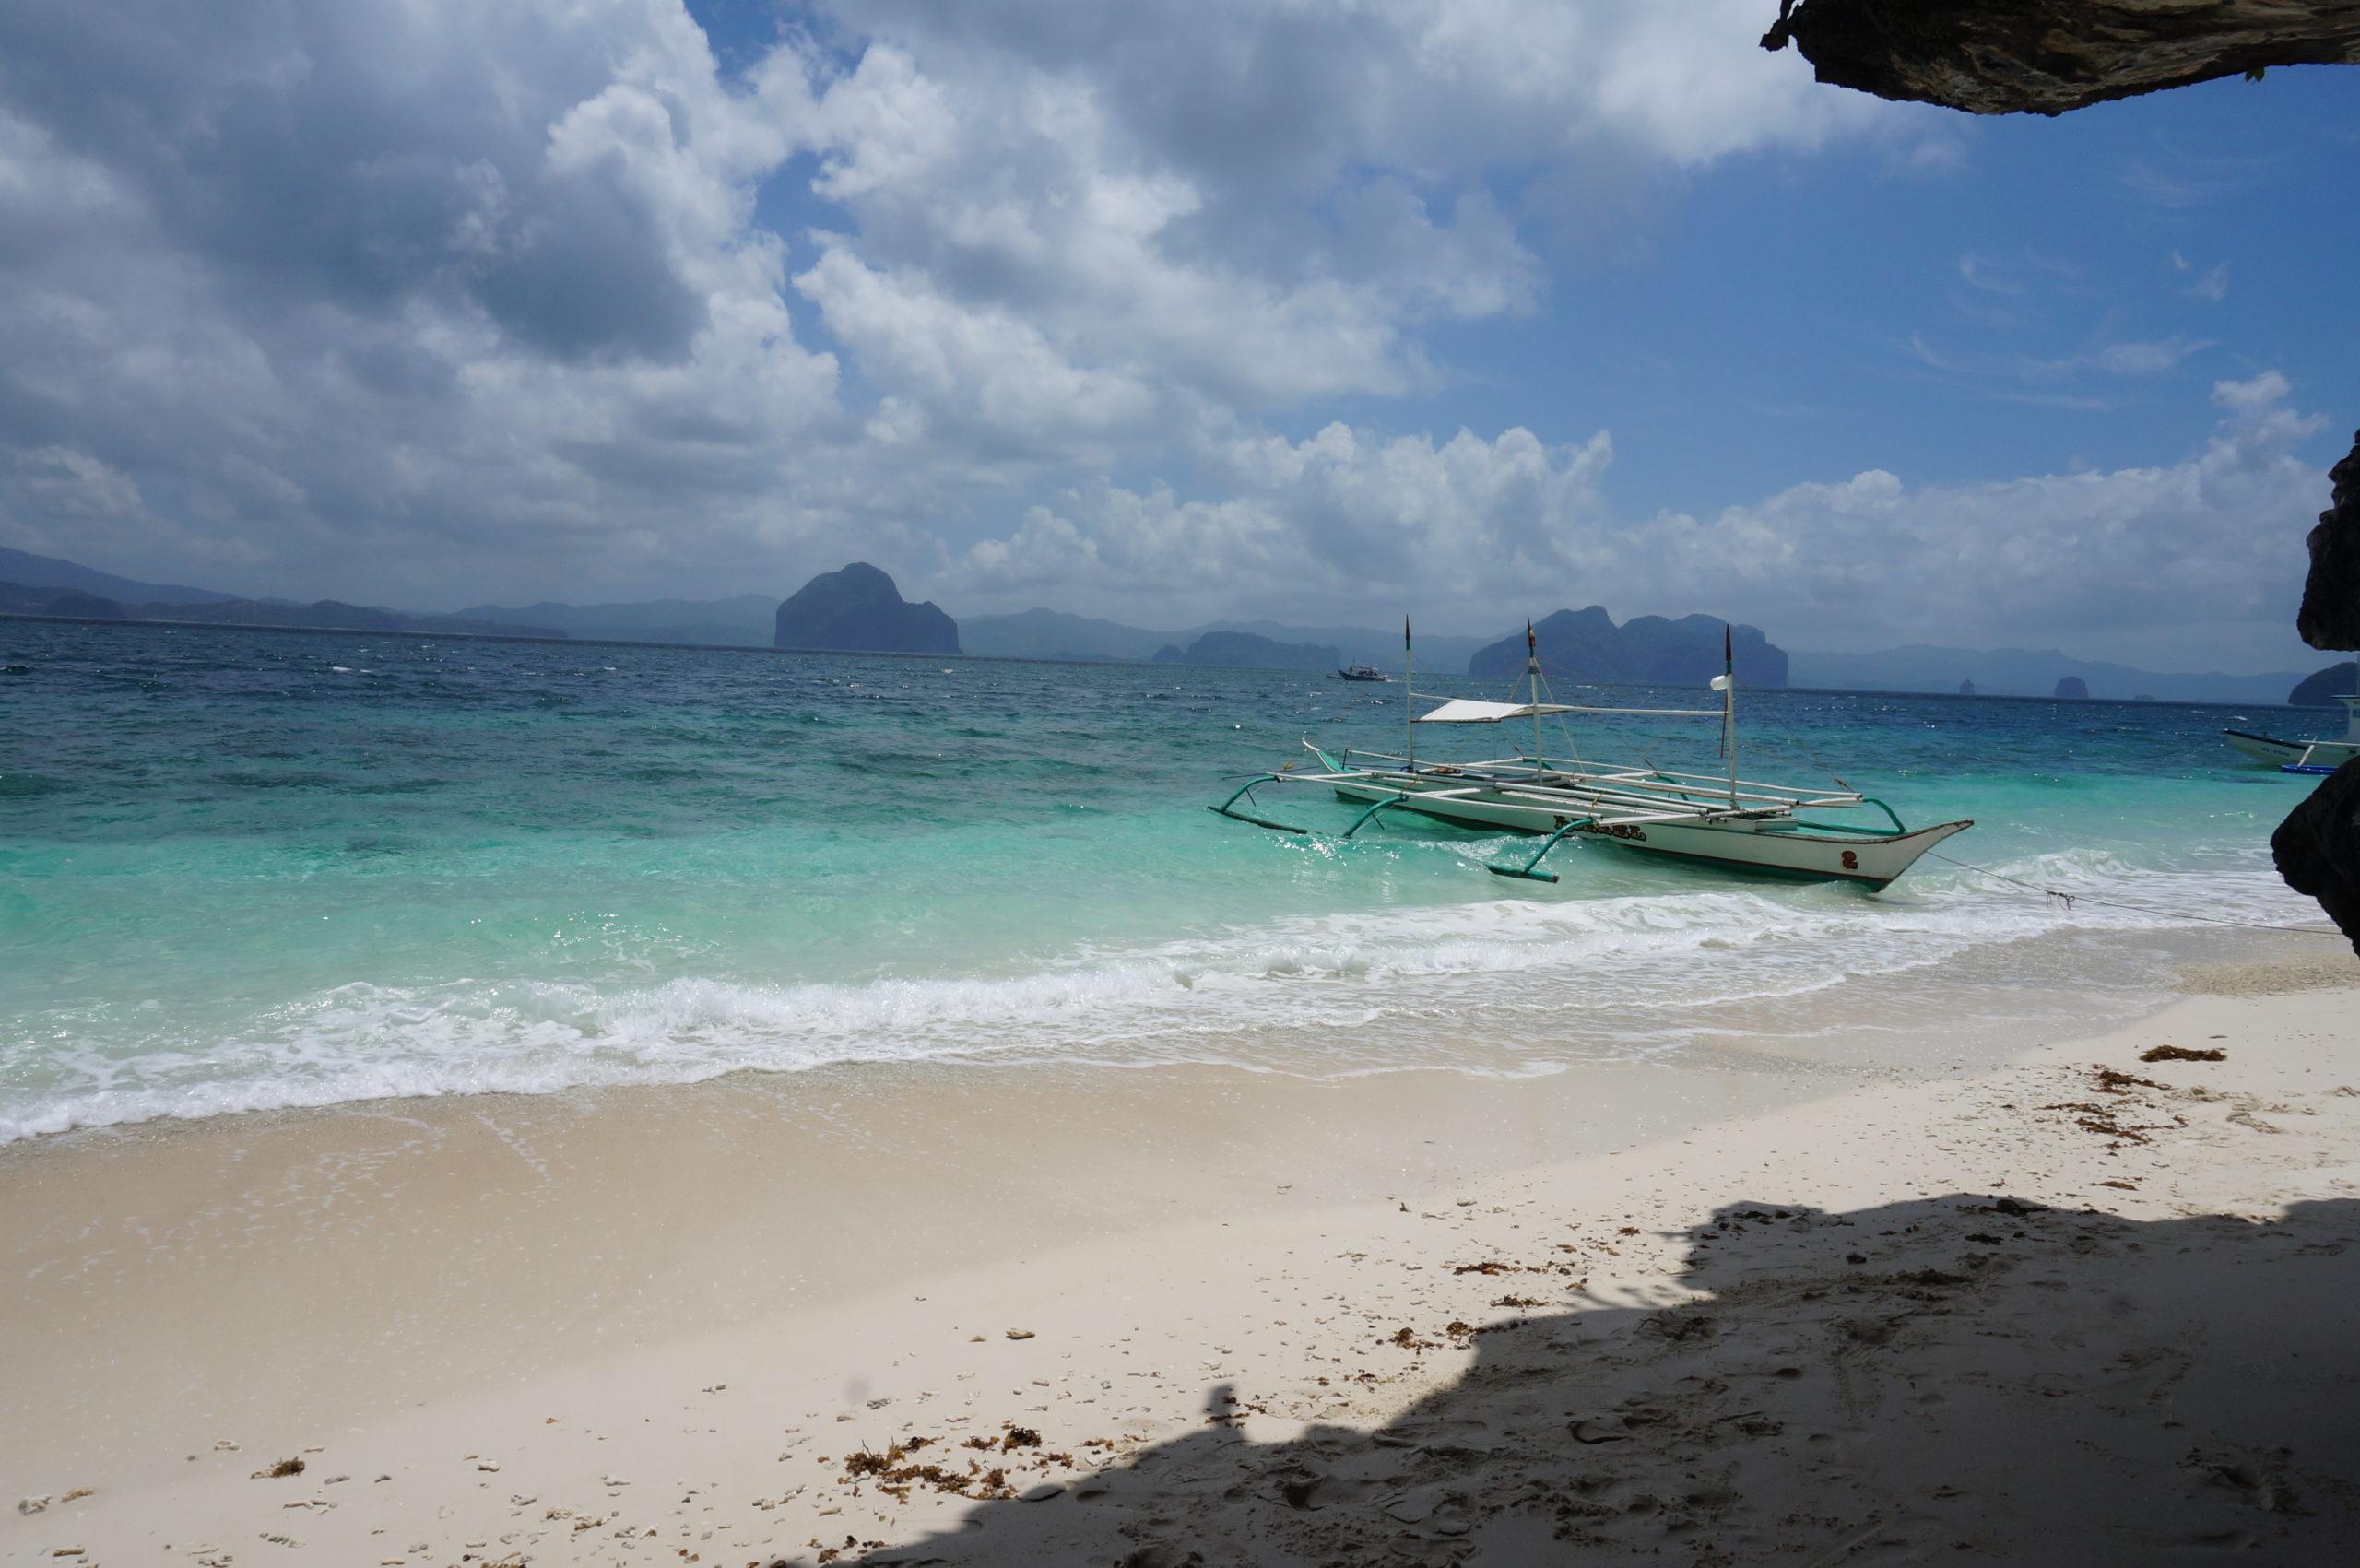 Pinagbuyutan - Palawan - Philippines